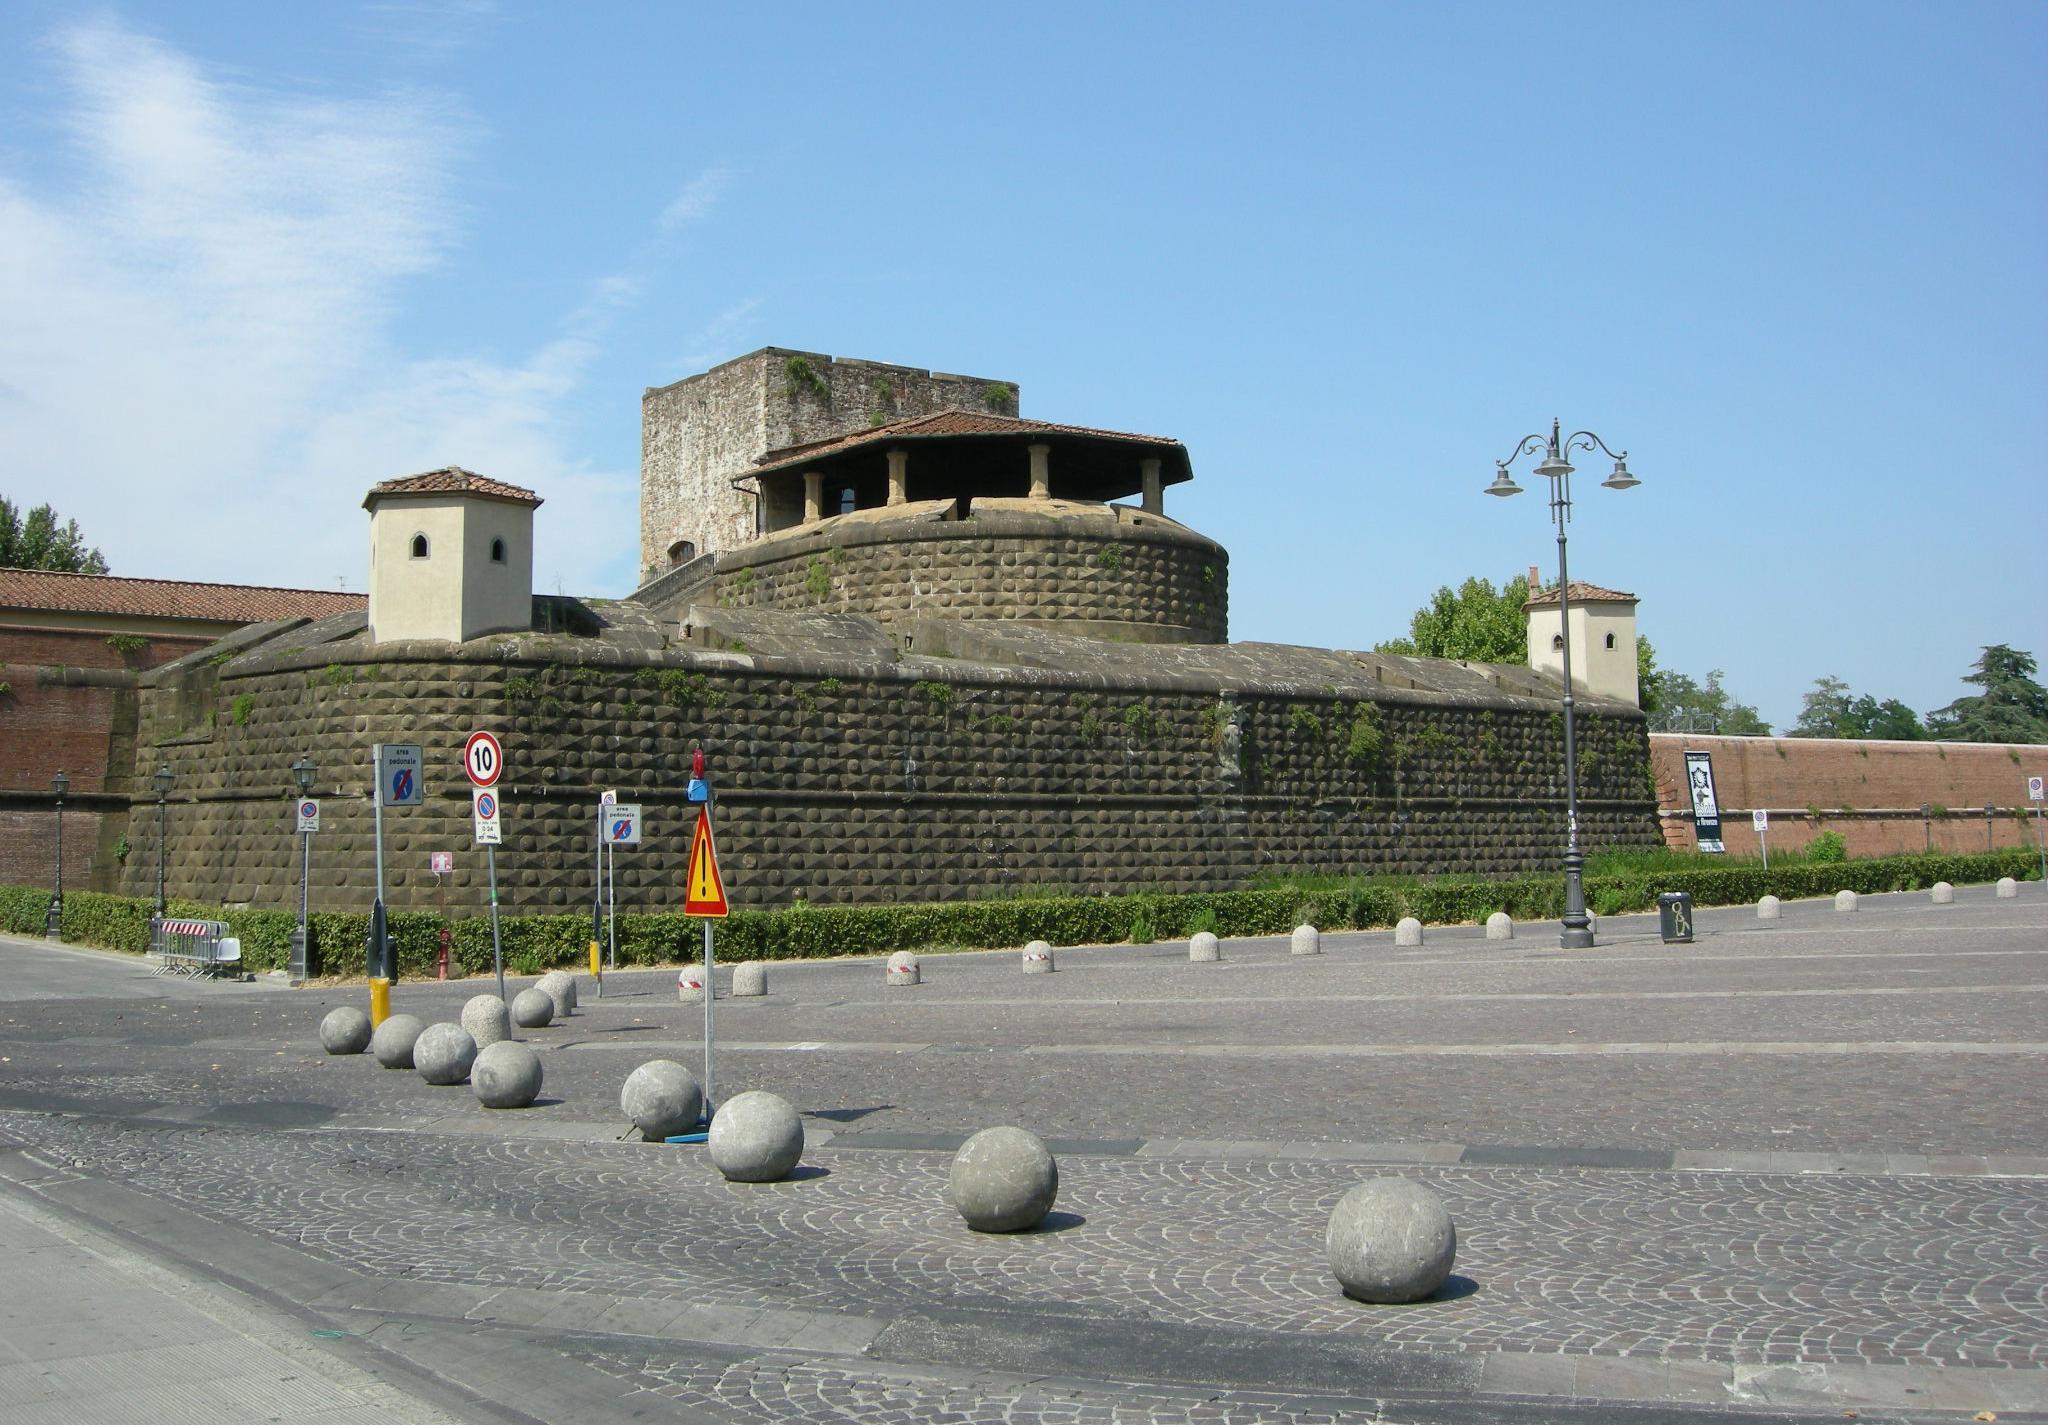 File:Fortezza da basso, piazza bambine e bambini di beslan ...